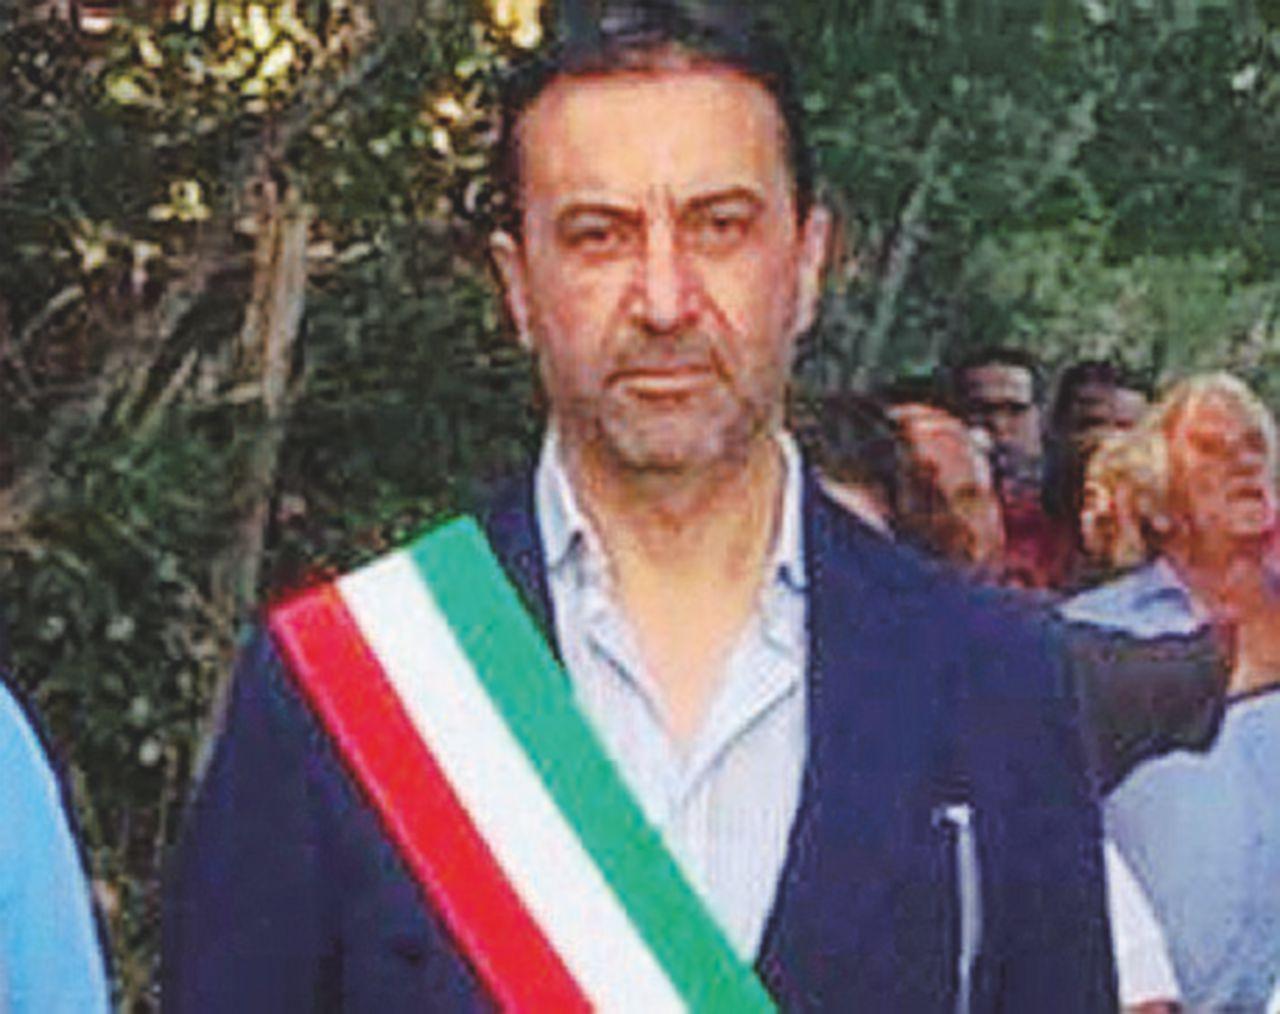 Palizzi, voucher per lavori inesistenti: arrestati il sindaco e due consiglieri comunali